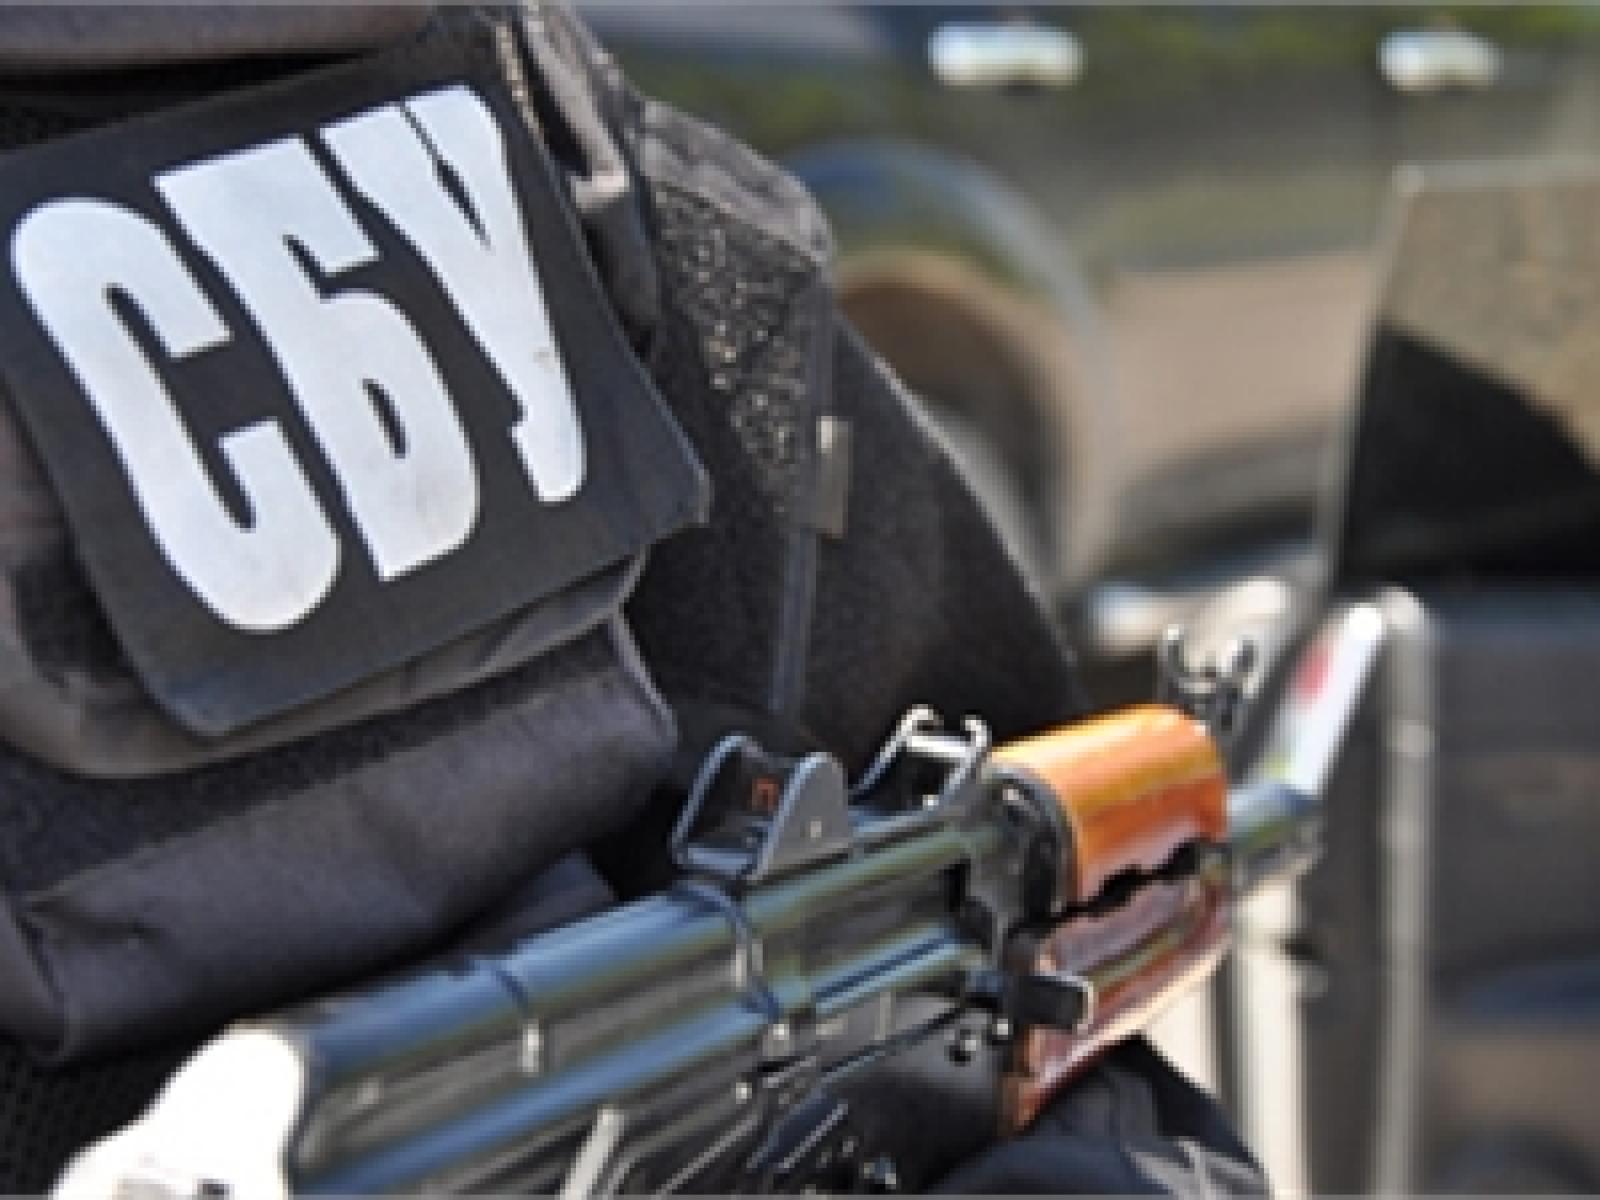 В одном из гаражей в Запорожской области было найдено 40 кг похищенной взрывчатки